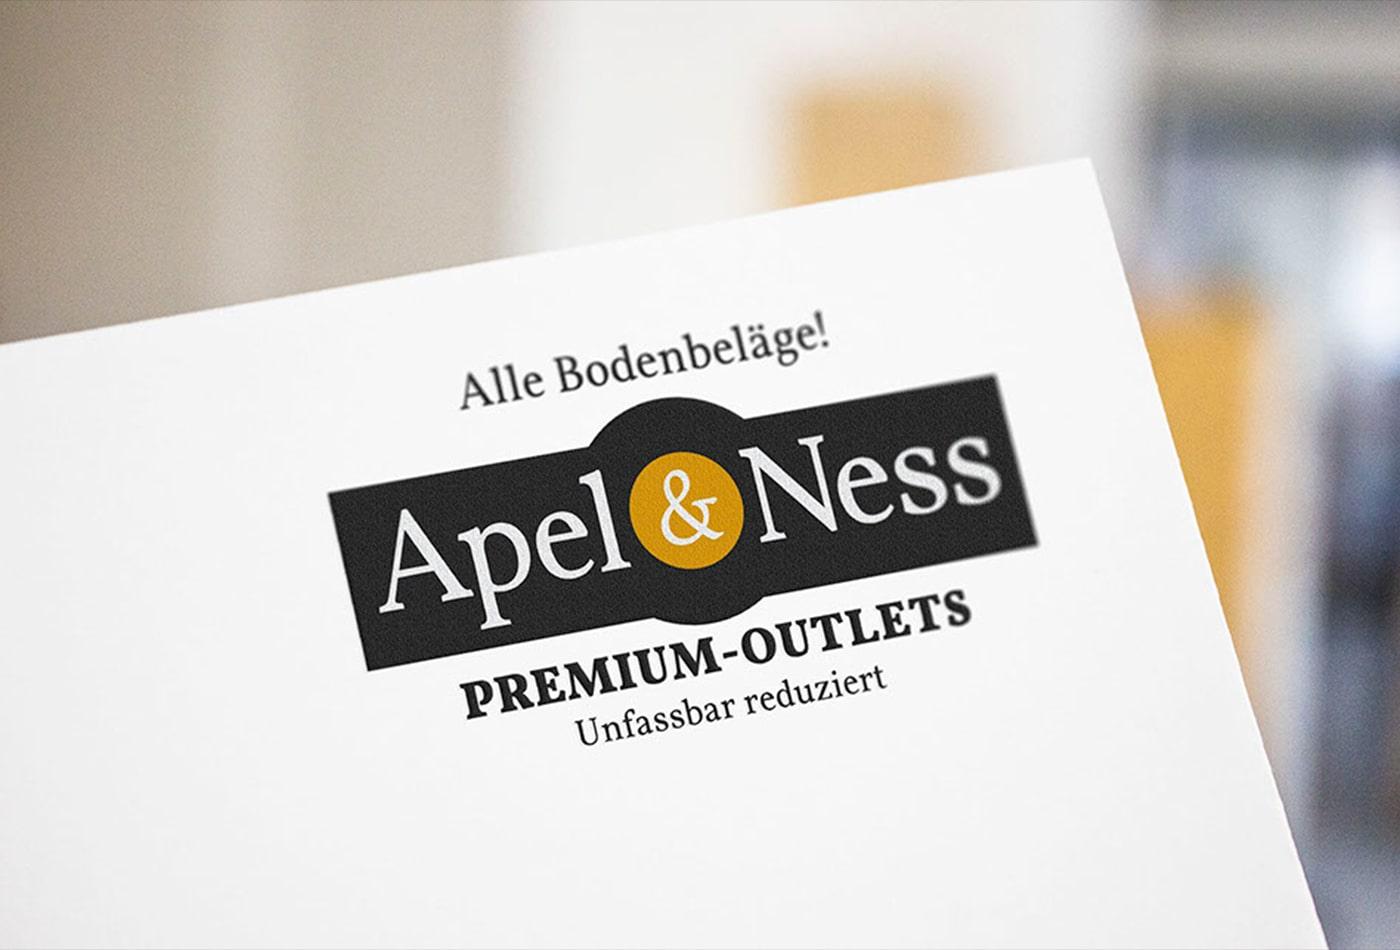 Apel&Ness Logoentwicklung